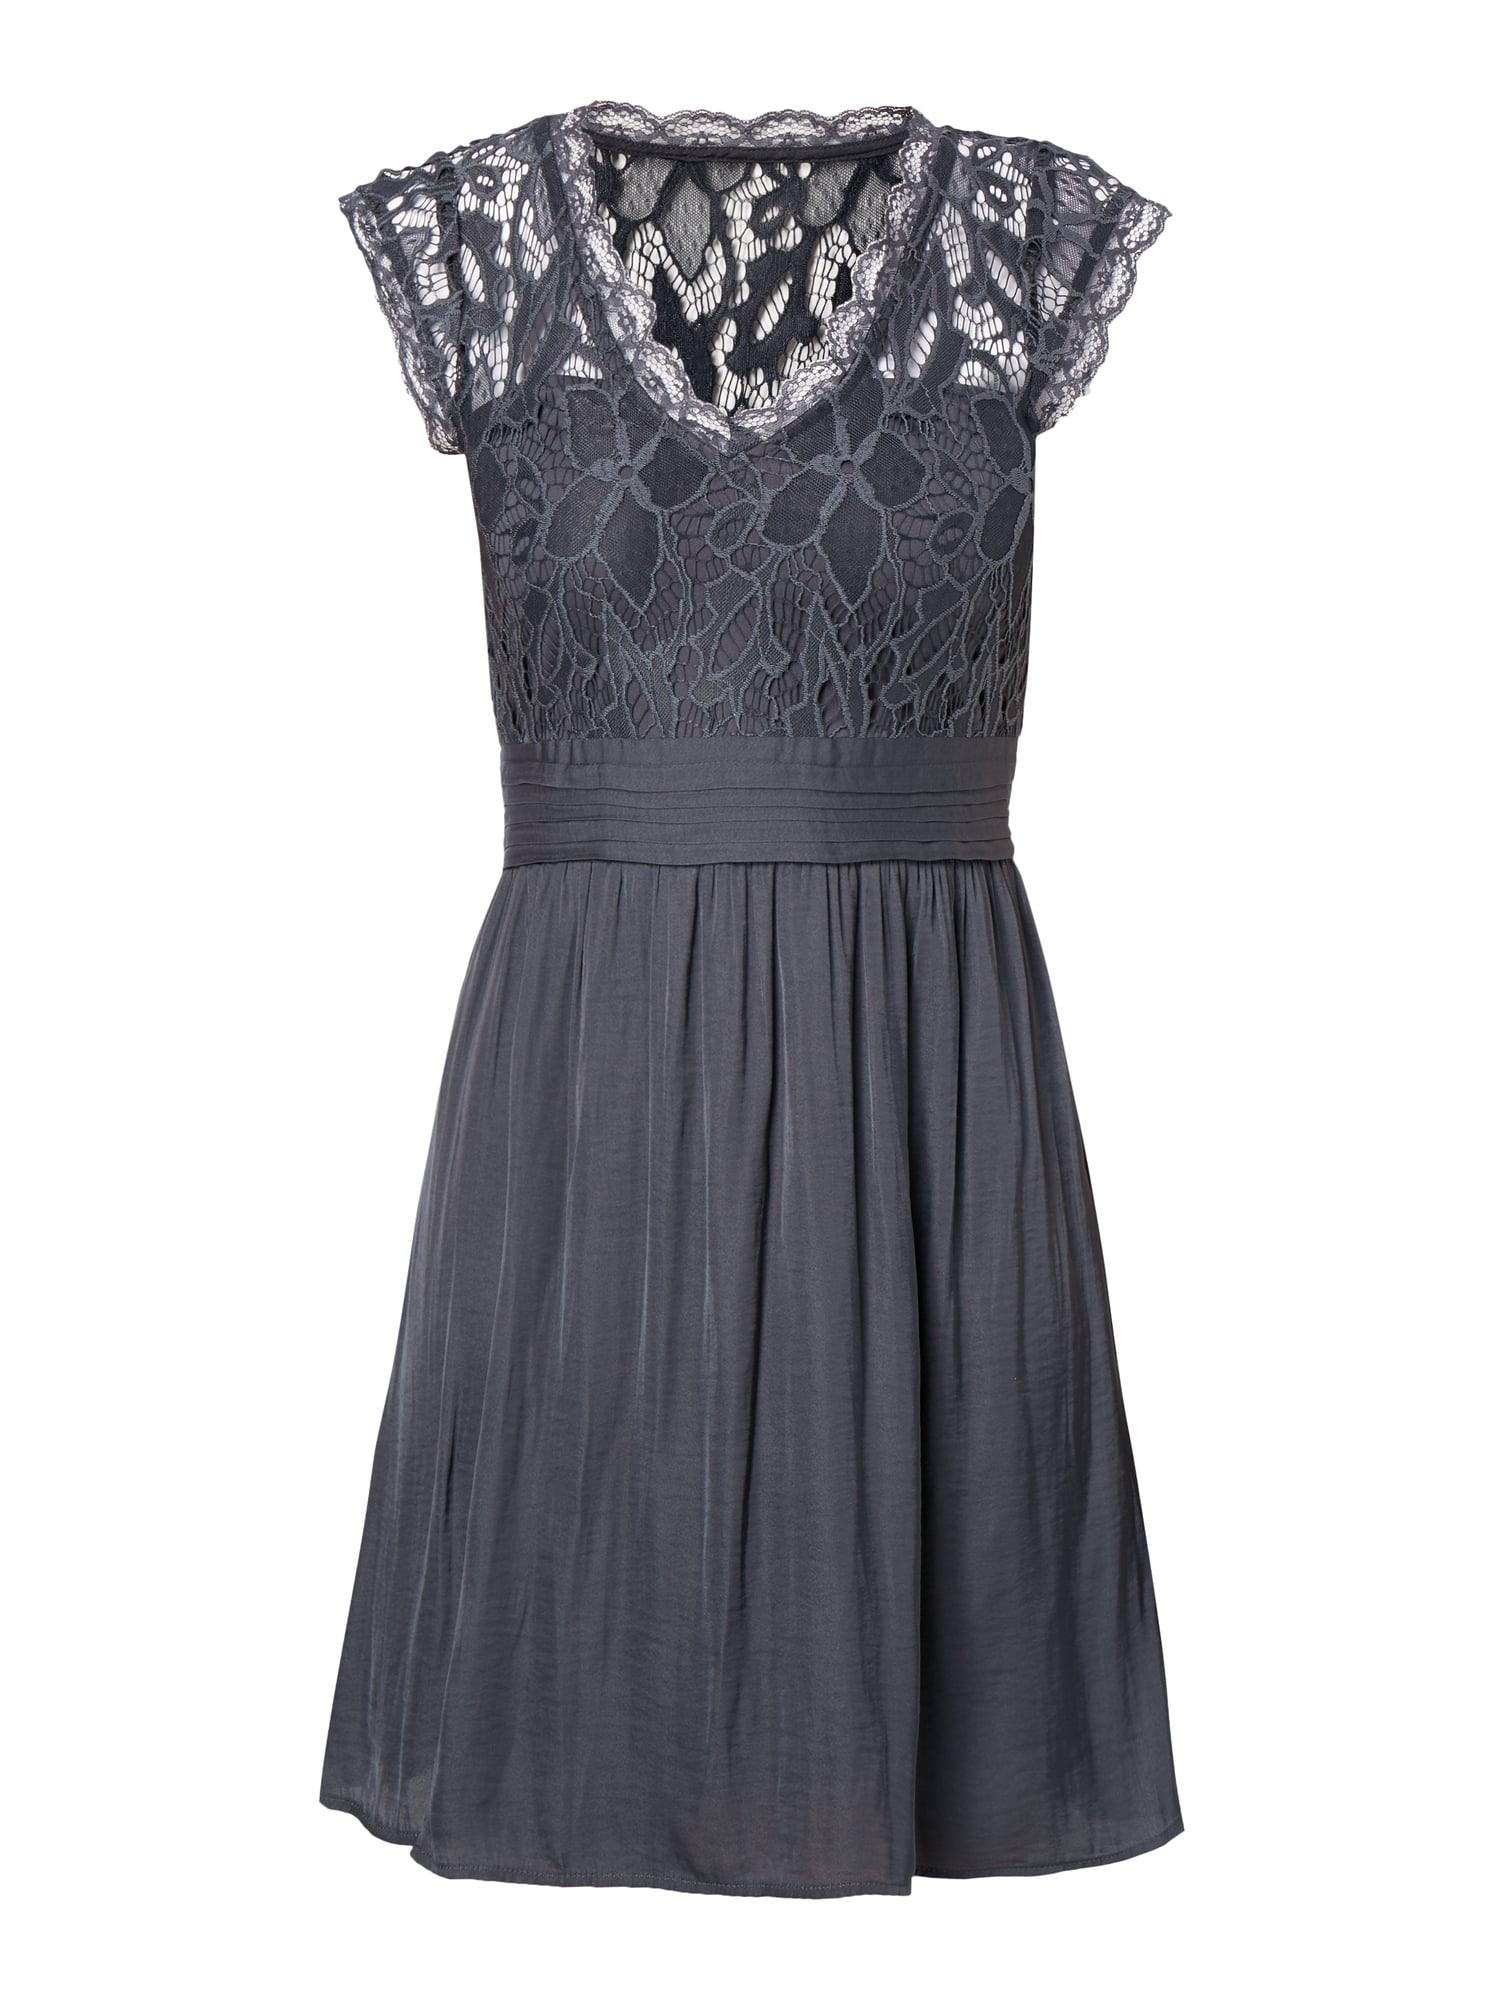 Abend Schön Blaues Kleid Mit Spitze Boutique - Abendkleid